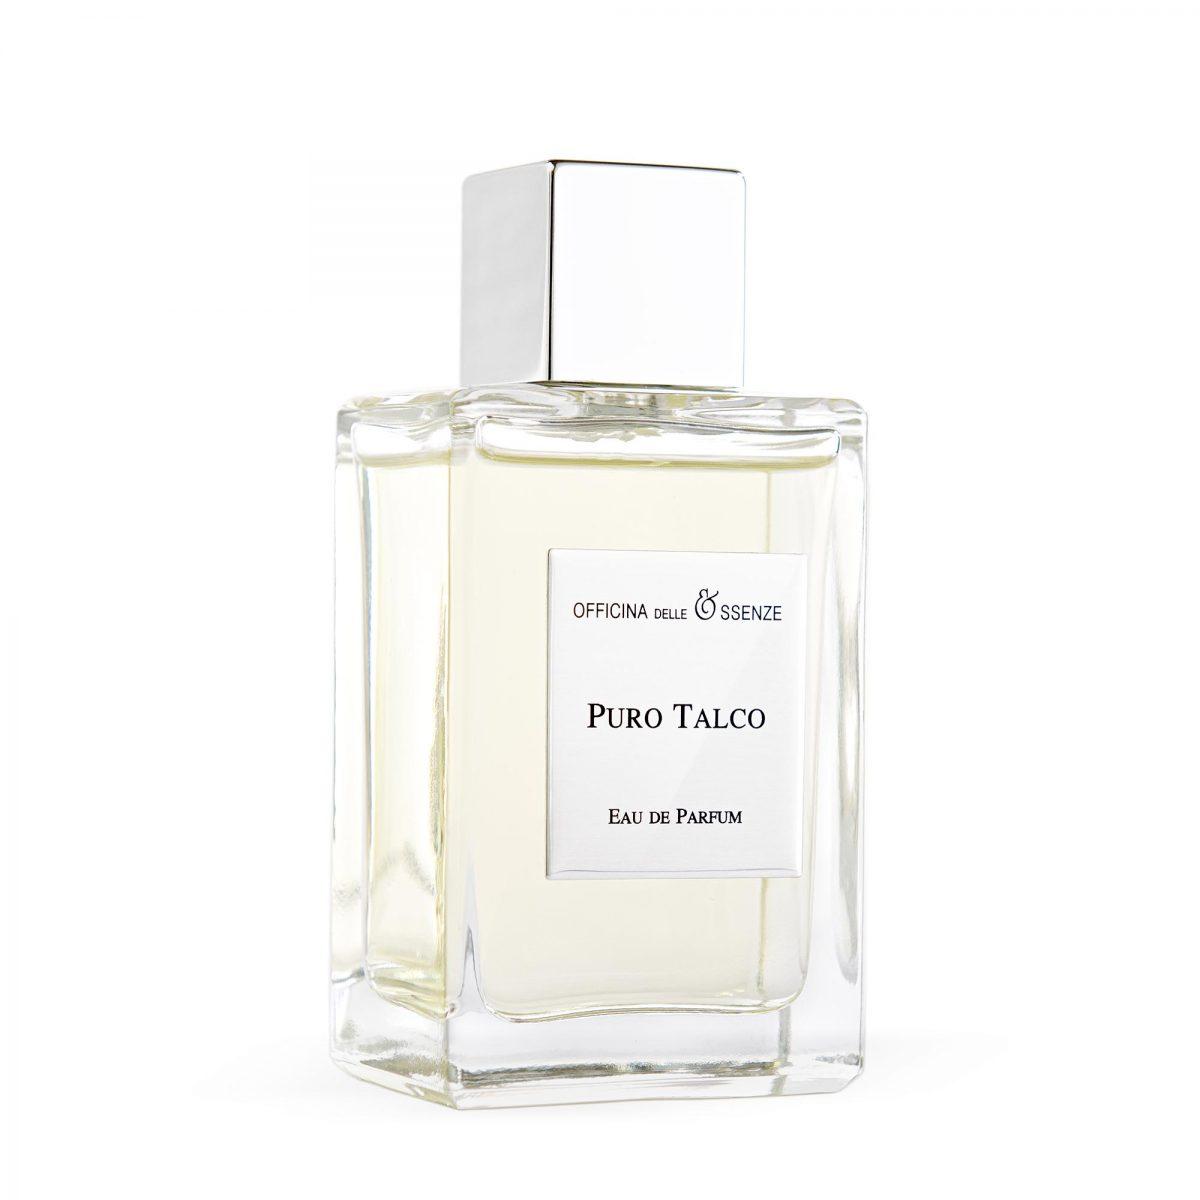 Puro Talco Officina delle Essenze niche perfume